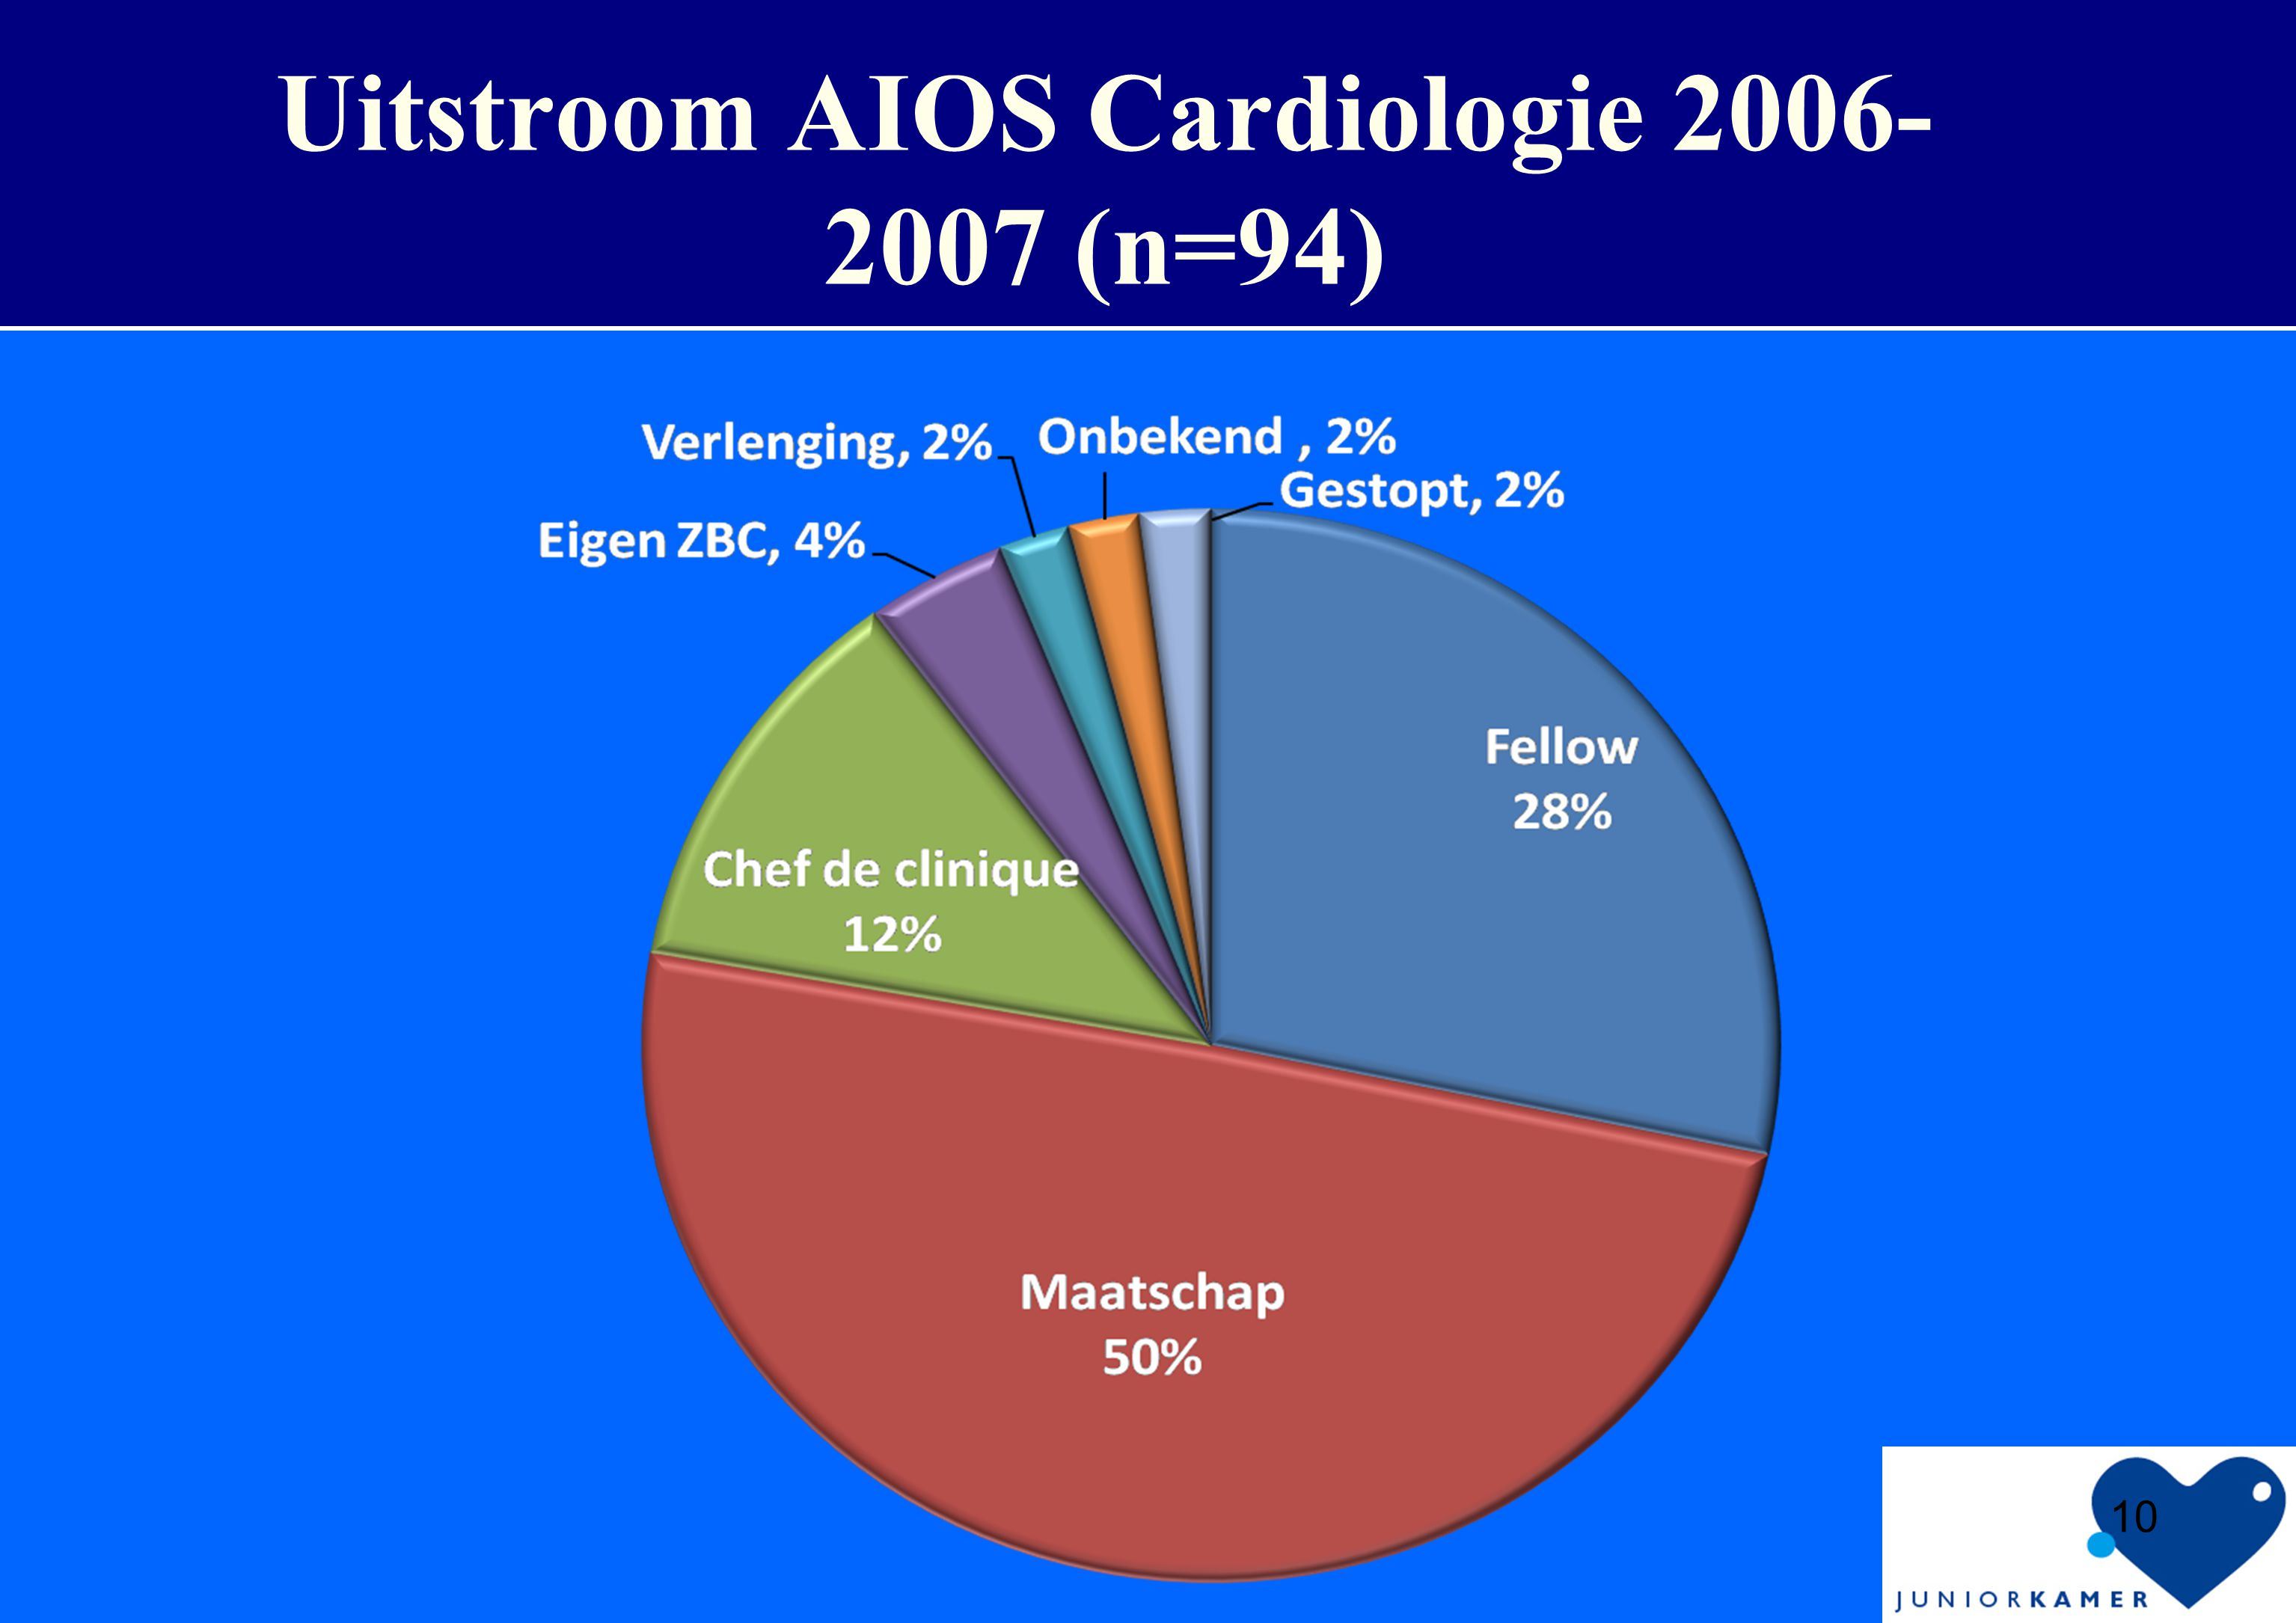 Uitstroom AIOS Cardiologie 2006-2007 (n=94)